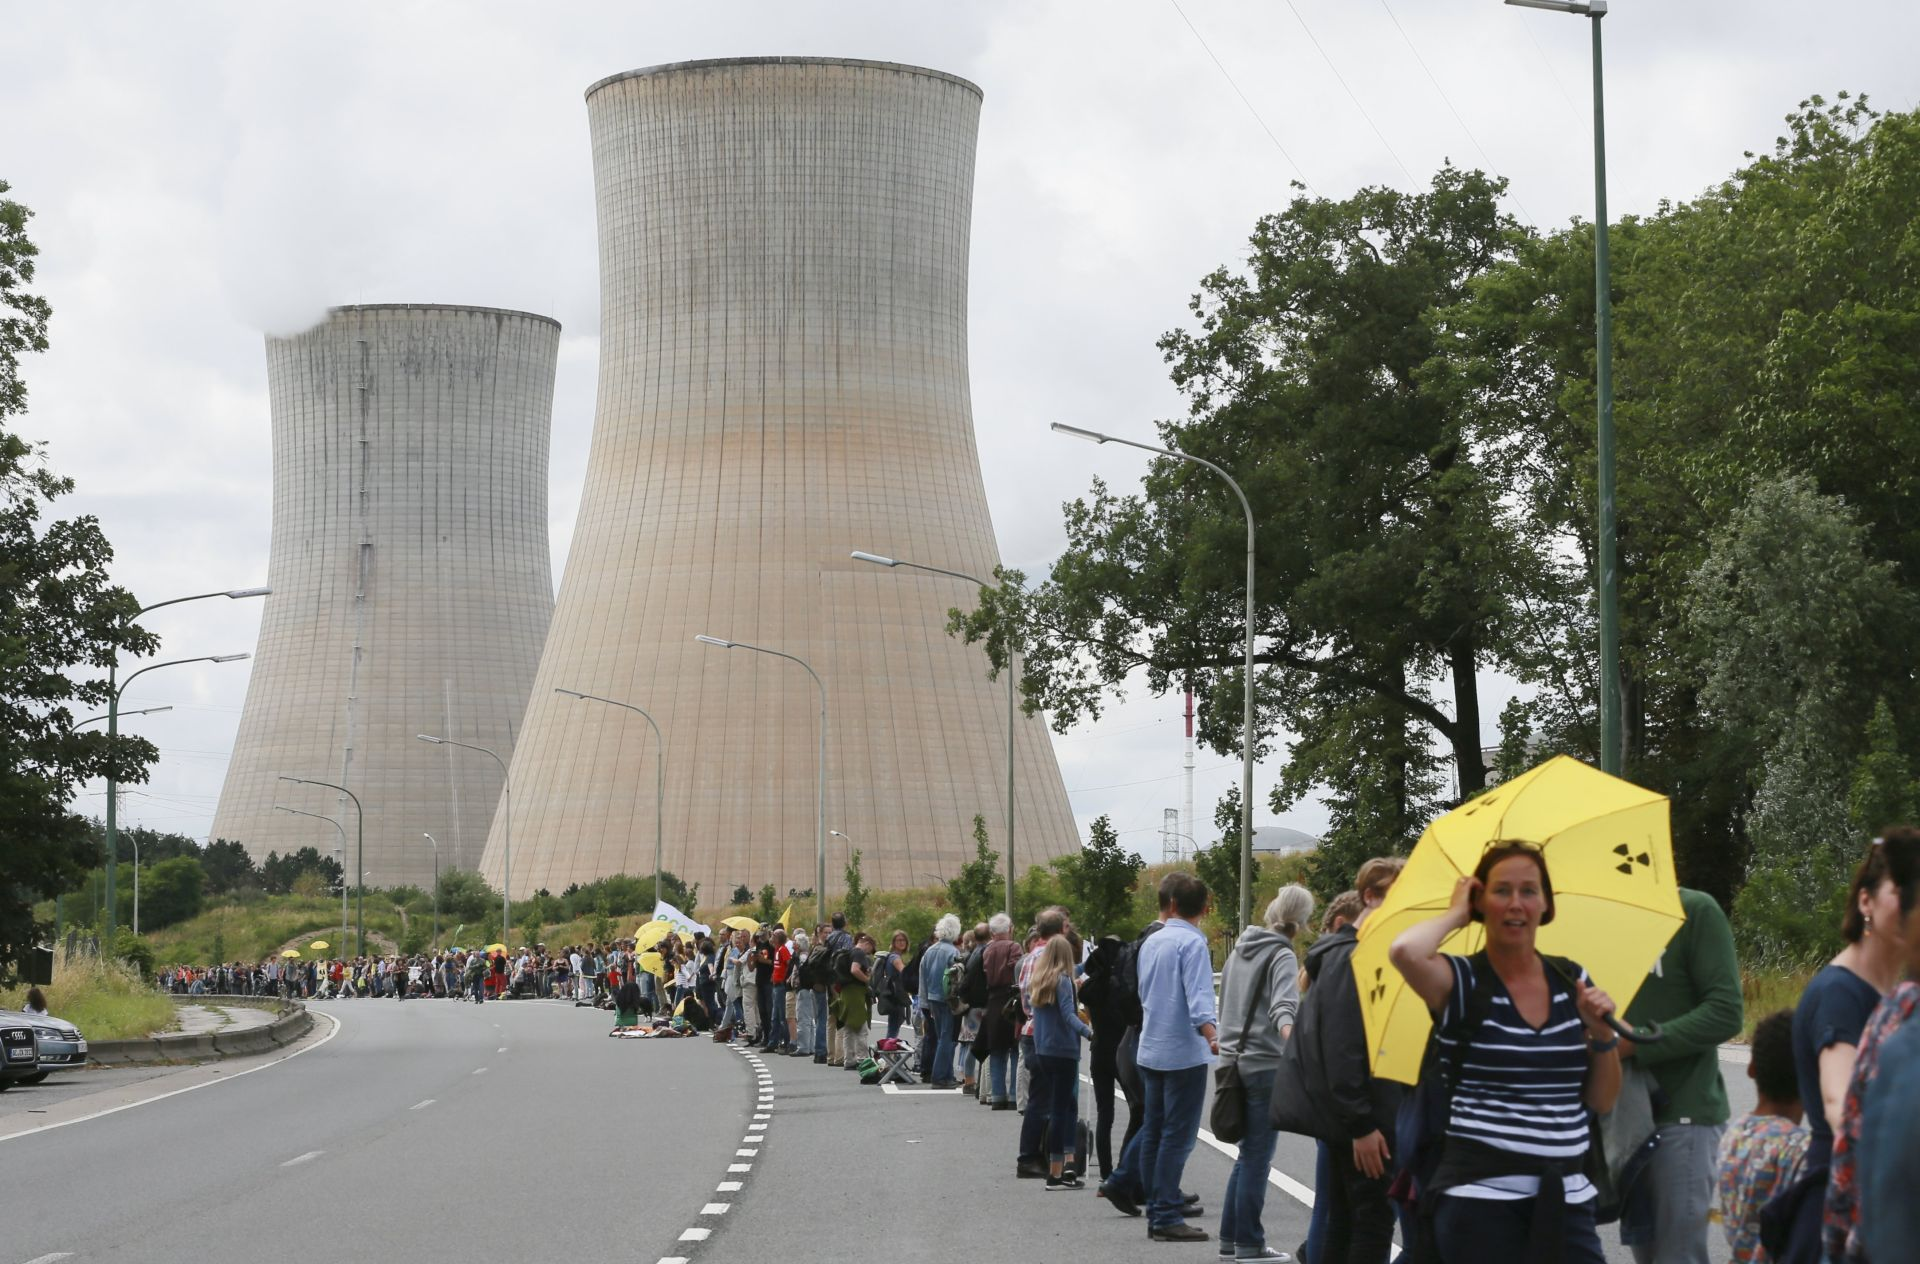 Tisuće prosvjedovale protiv belgijskih nuklearki u ljudskom lancu